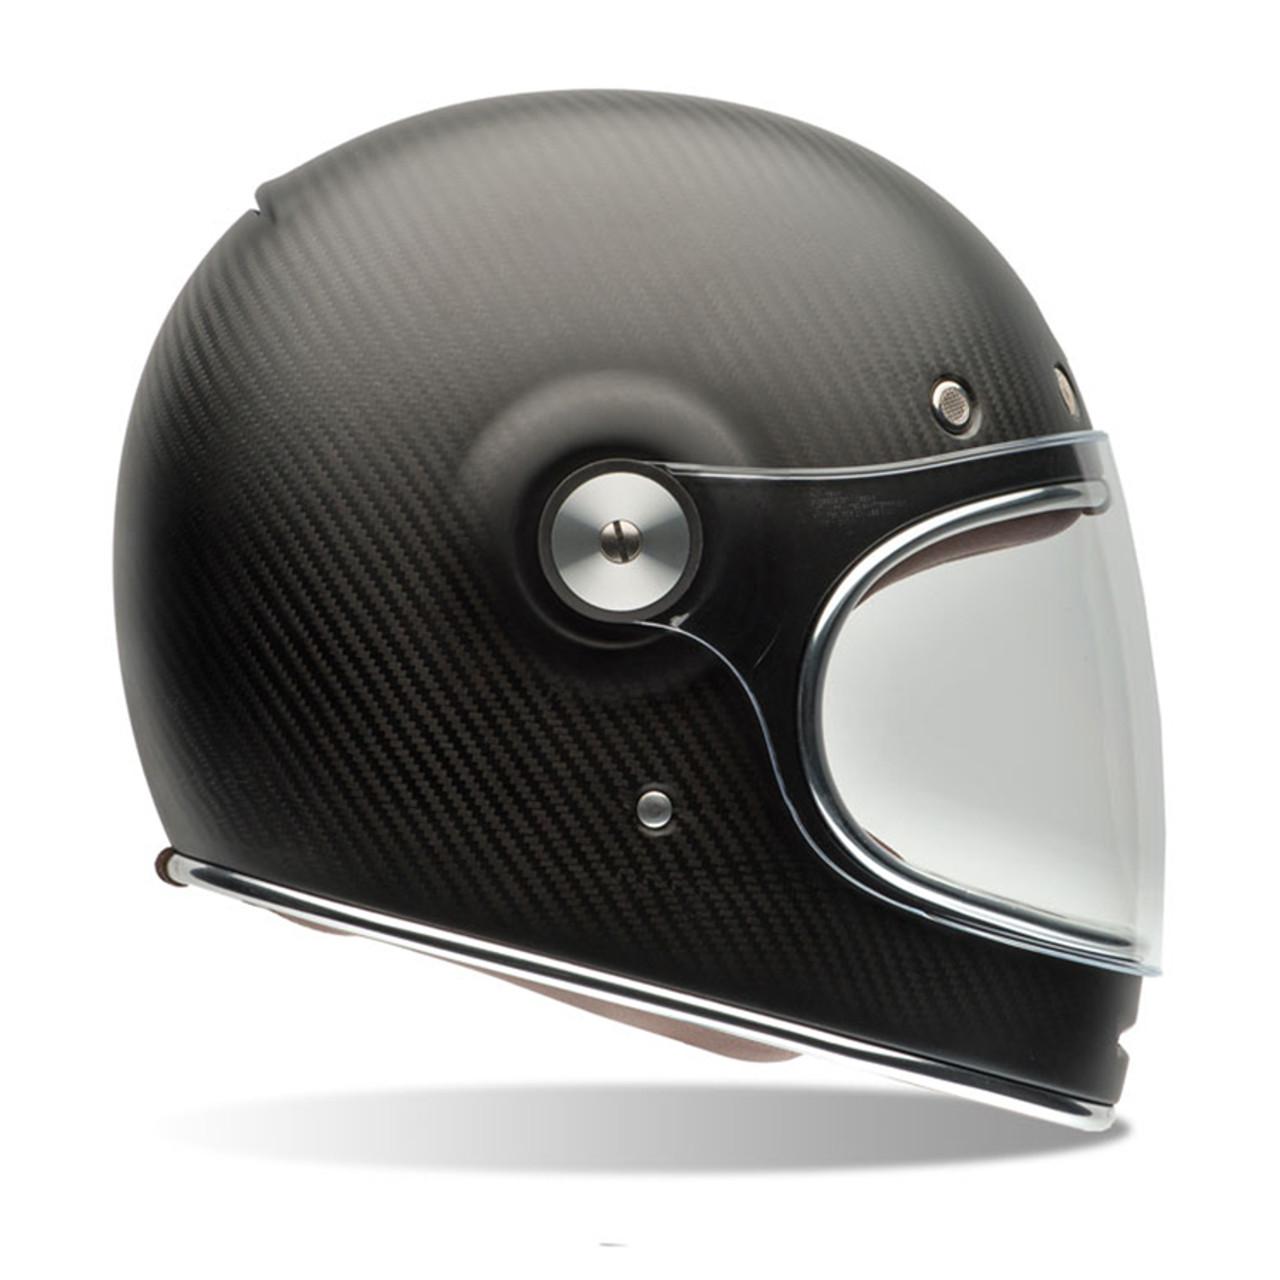 Bell Motorcycle Helmet >> Bell Bullitt Carbon Matte Helmet